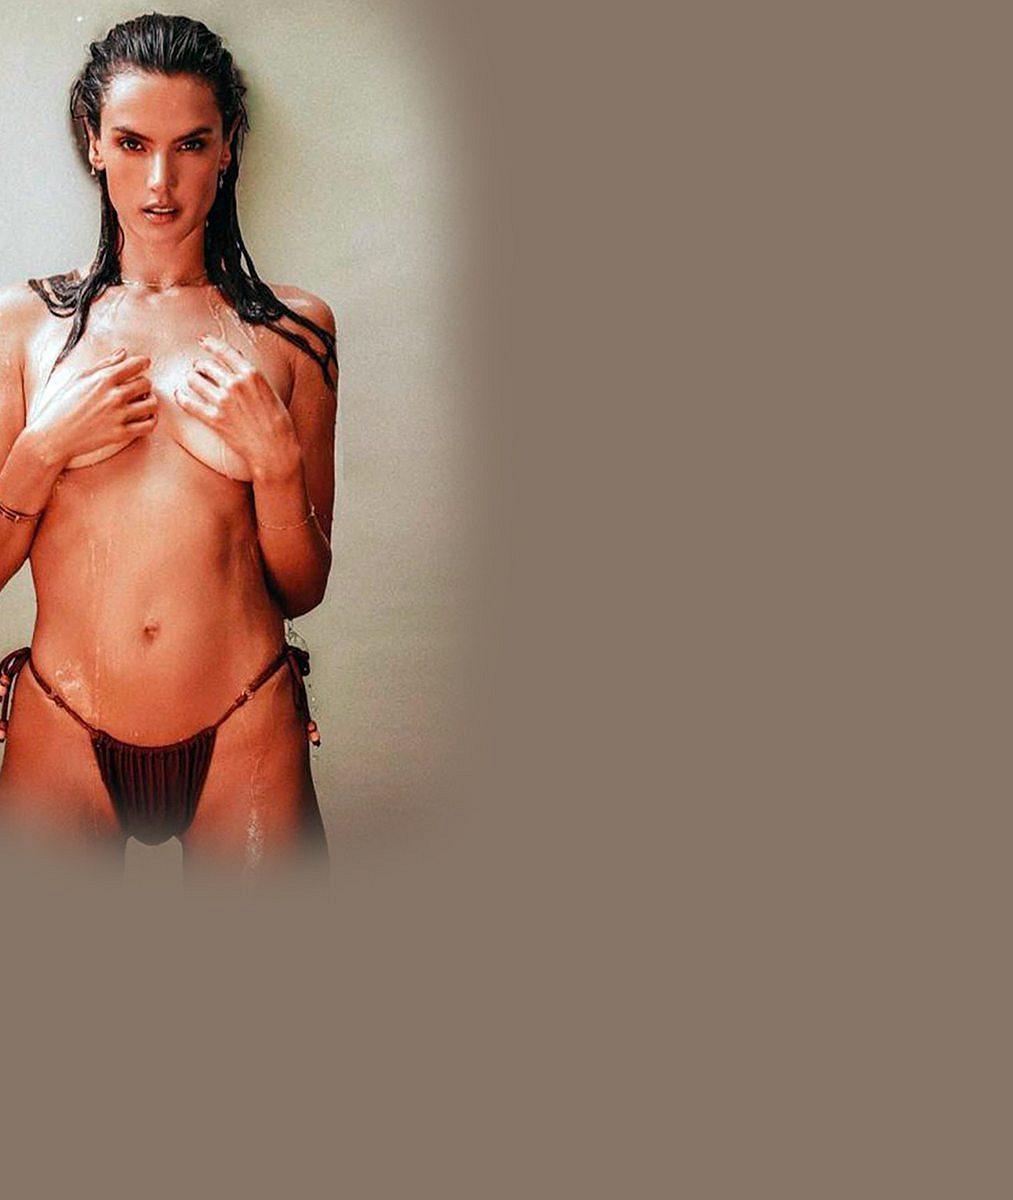 To je podoba! Bývalá modelka Victoria'sSecret nafotila kolekci plavek se svou dospívající dcerou